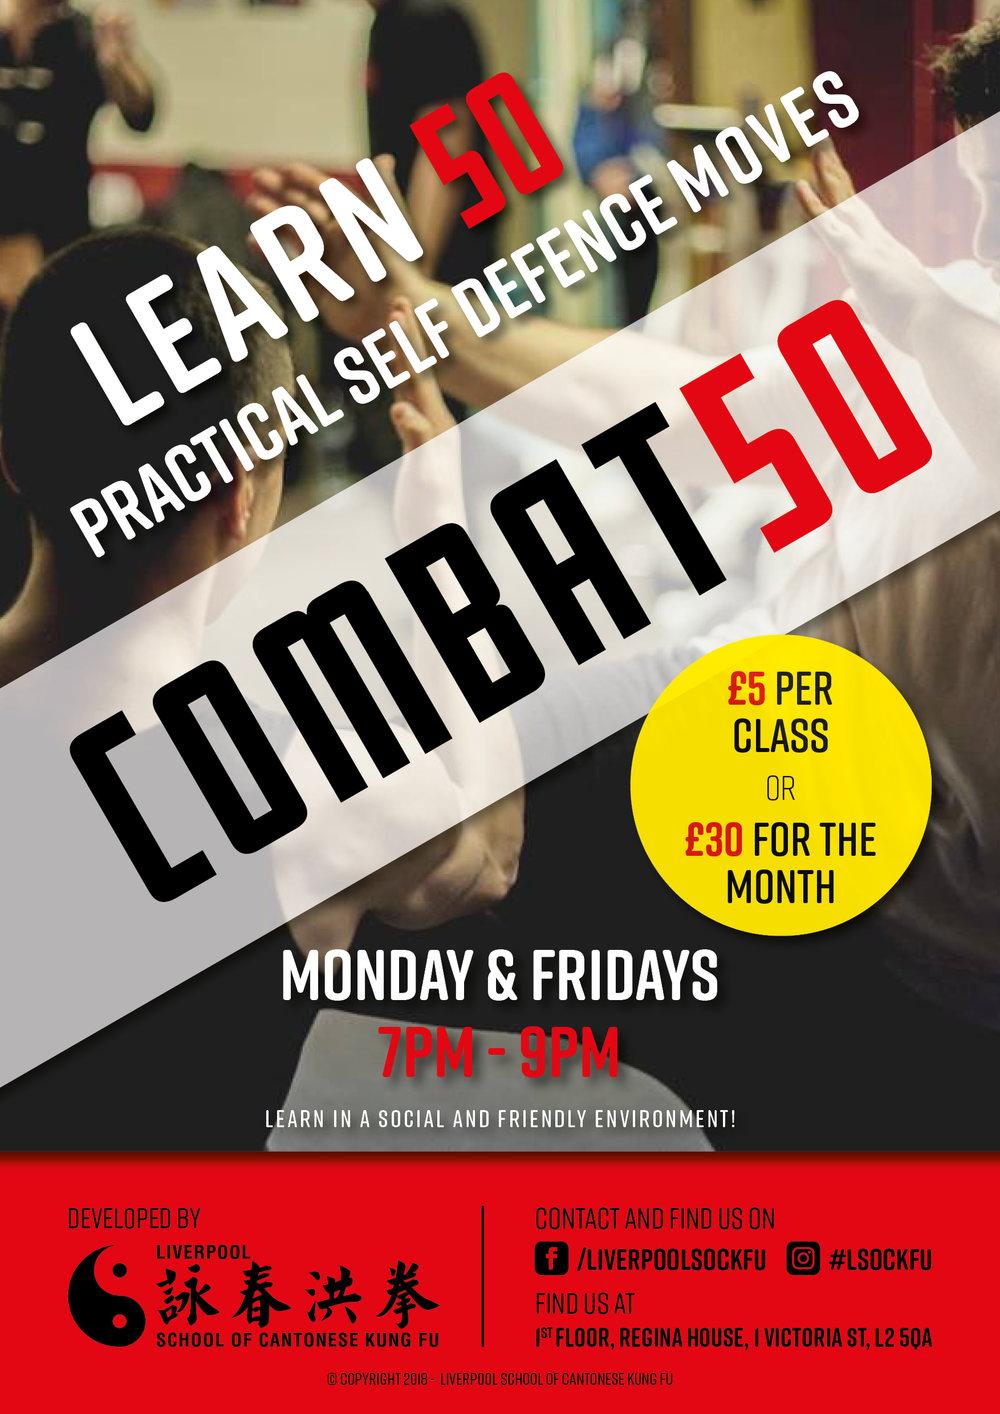 combat-50-&-traditional-martial-arts-leaflet-2018-a3-v1.0.jpg